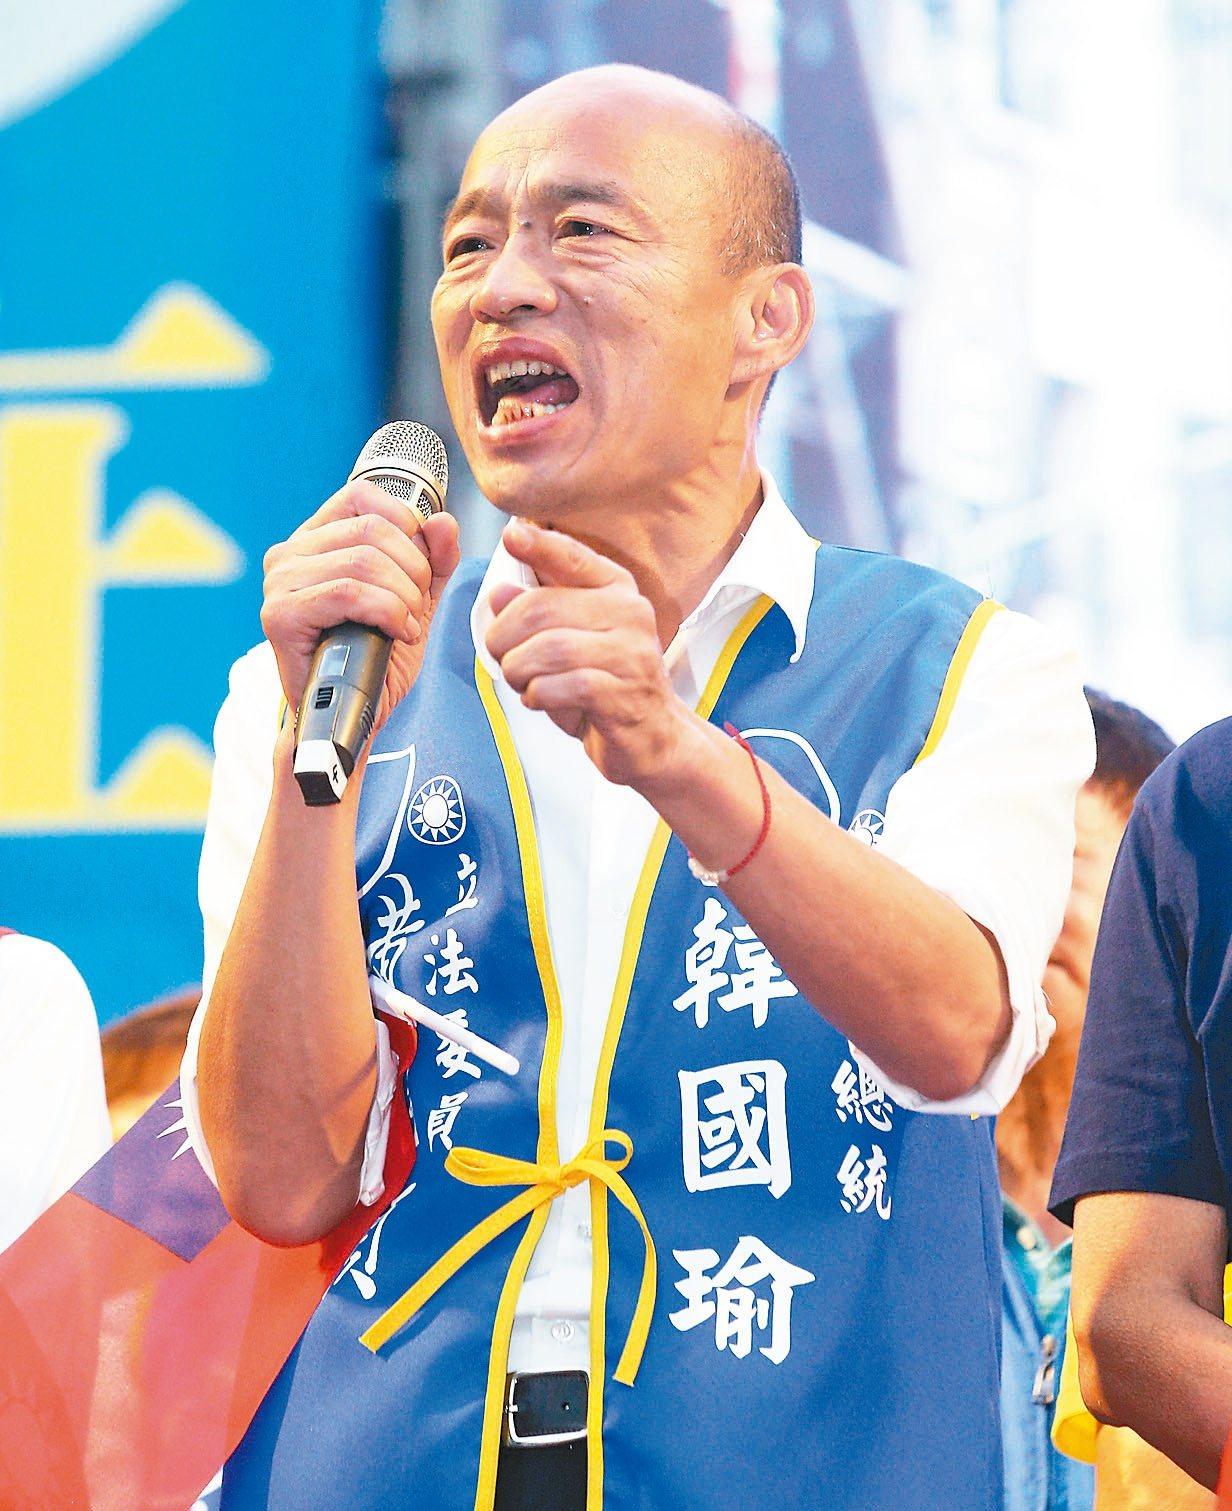 韓國瑜。圖/報系資料照片